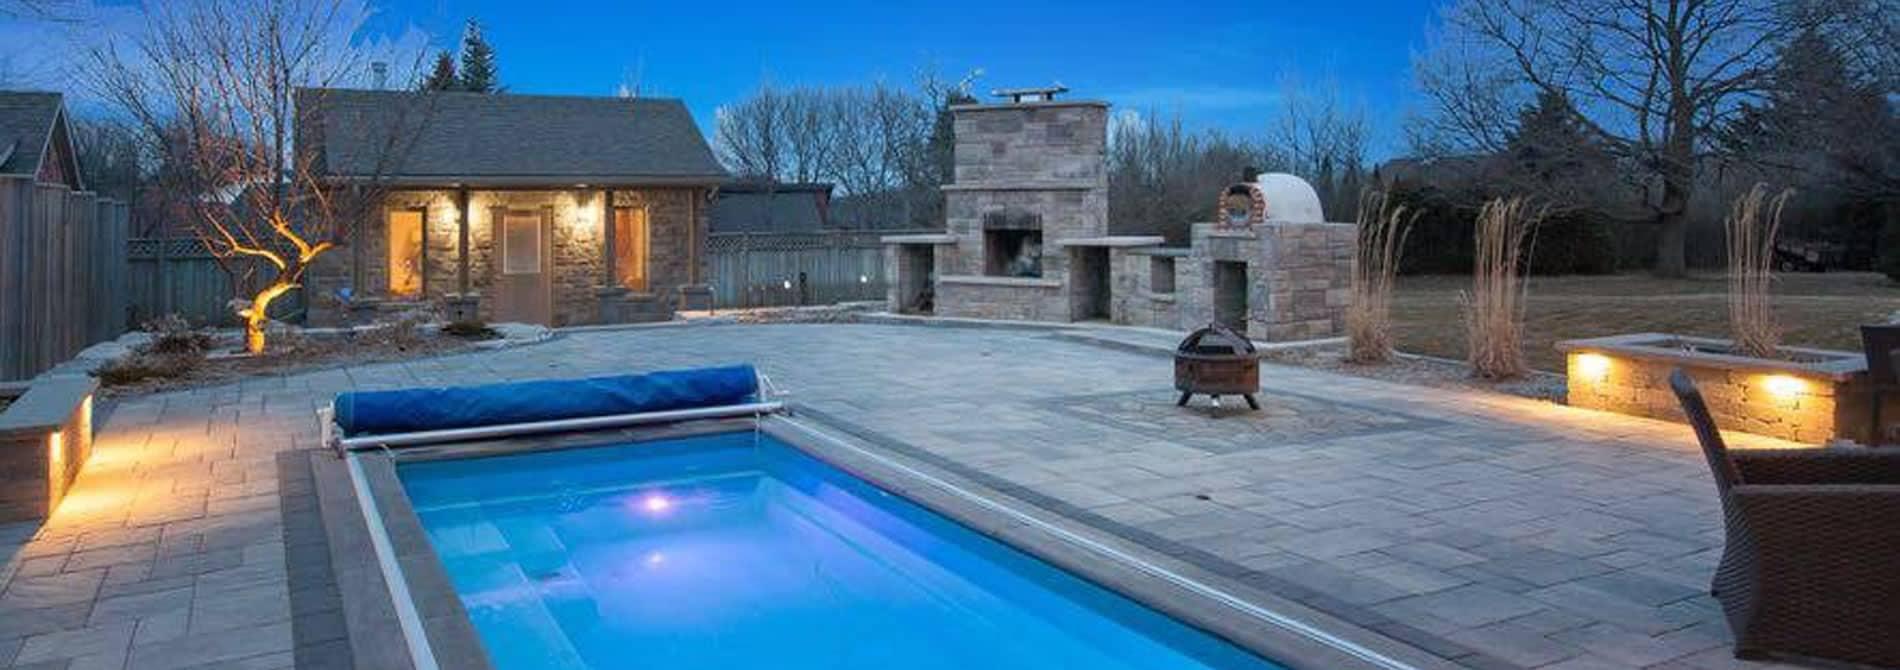 Pool Paving Design